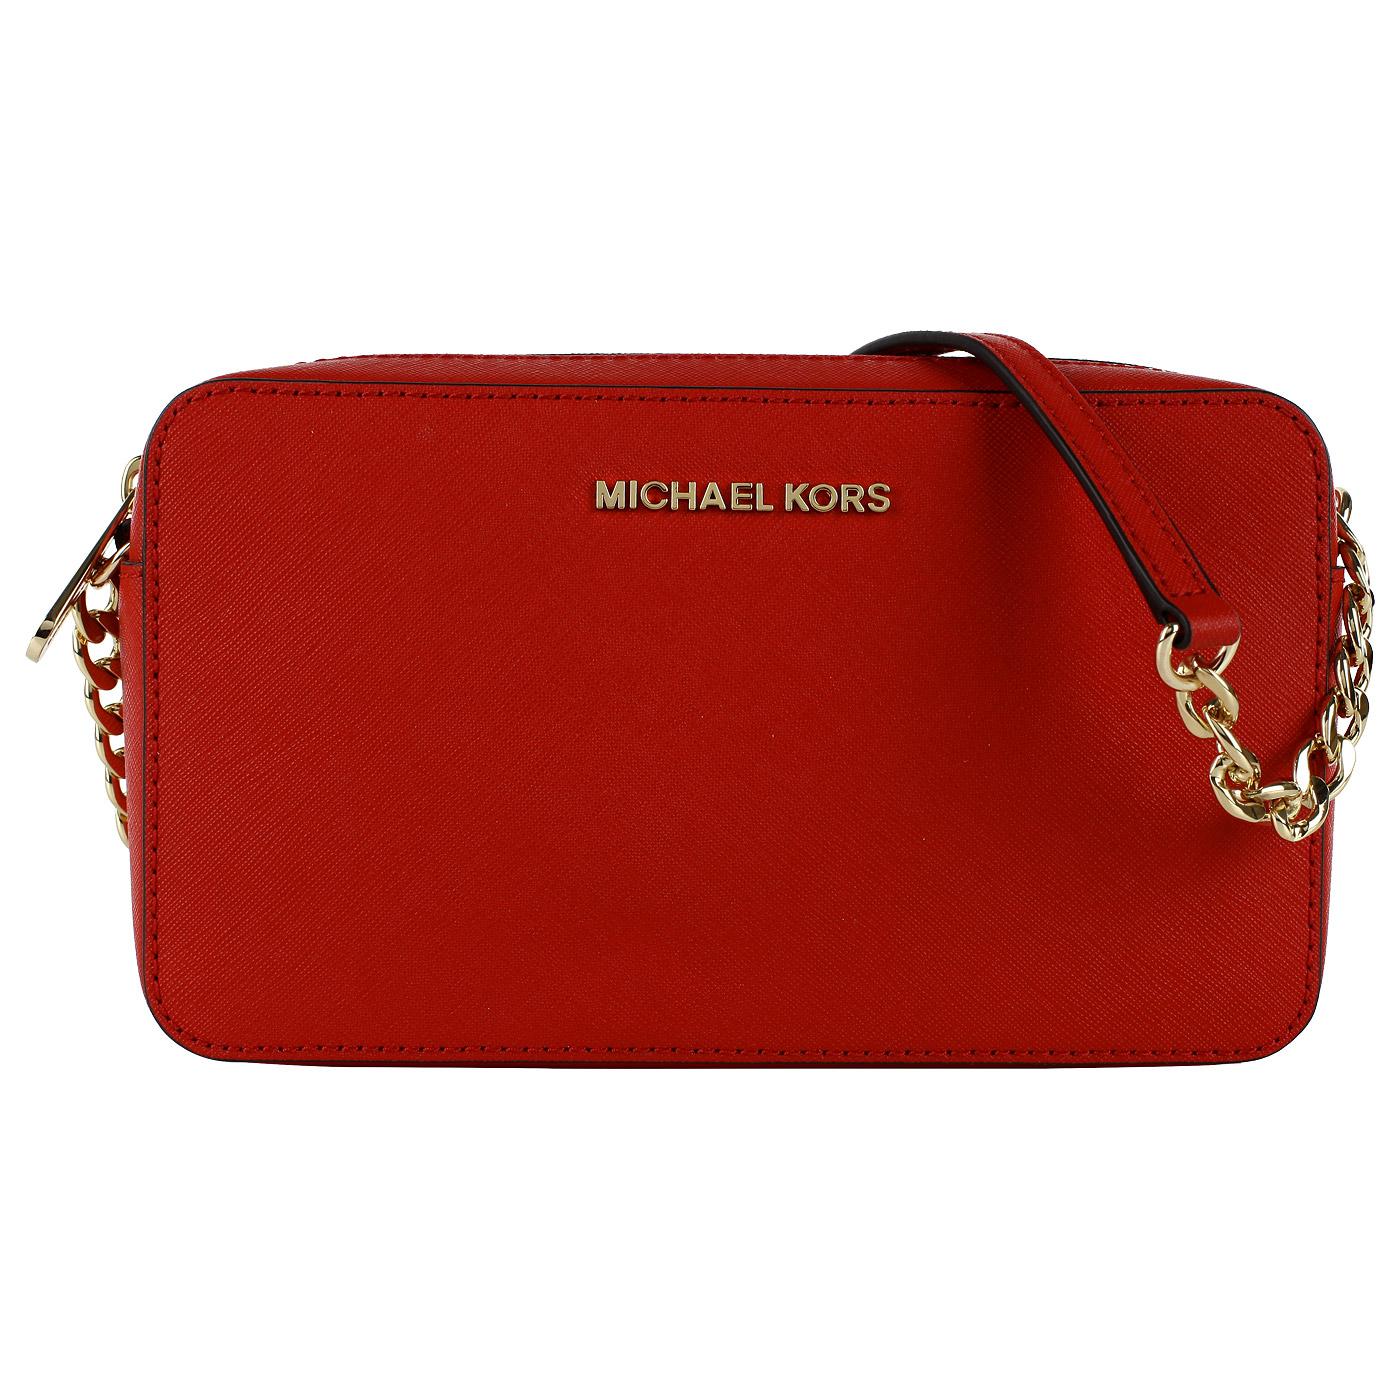 522f904f18f0 ... Маленькая красная сумка кросс-боди из натуральной сафьяновой кожи Michael  Kors Jet set travel ...